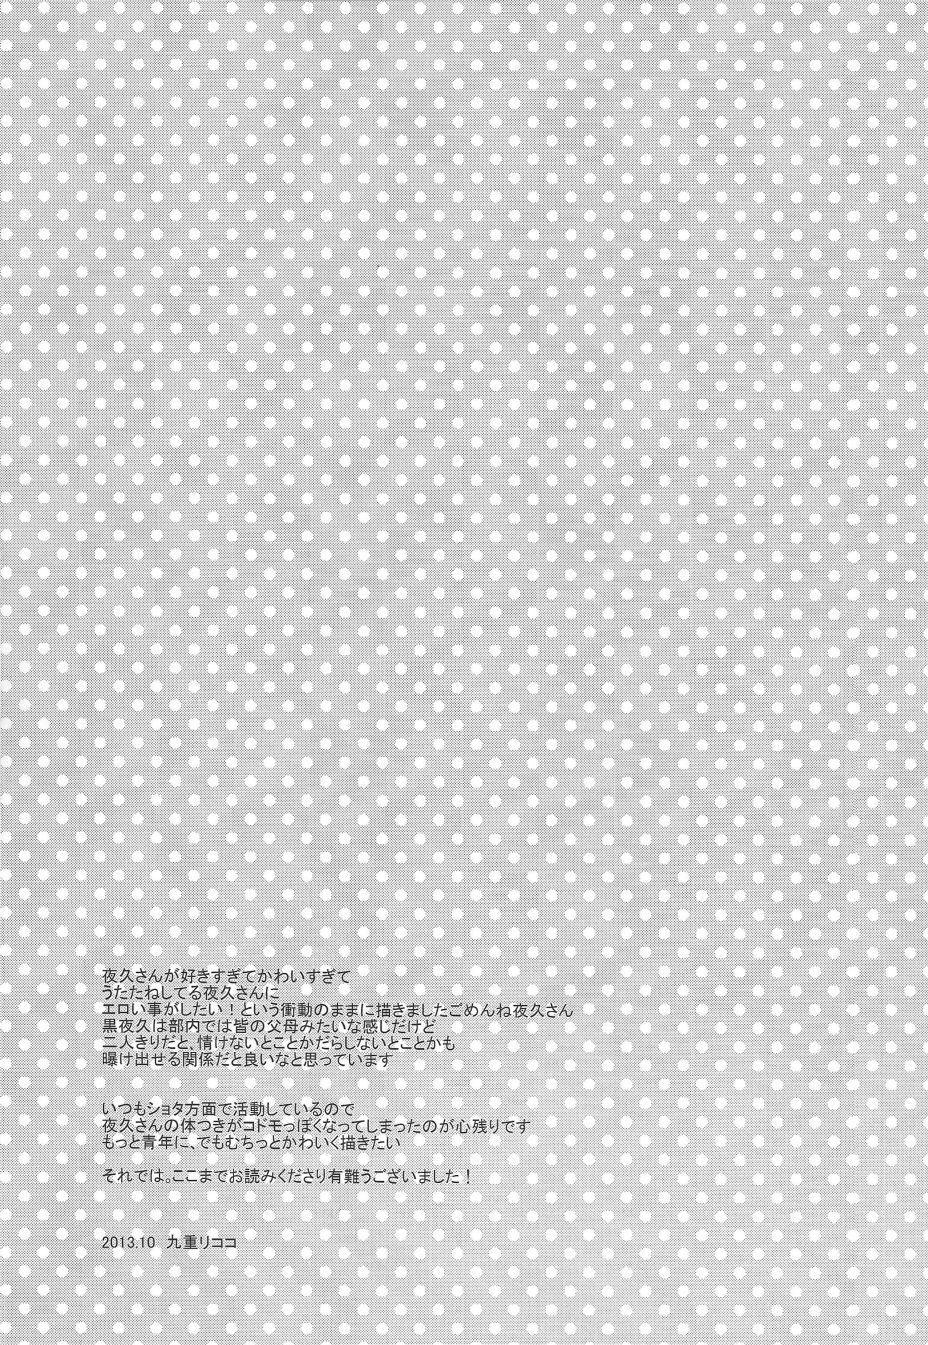 Neteiru Yaku-kun ni Ecchi na Itazura o suru Hon 19